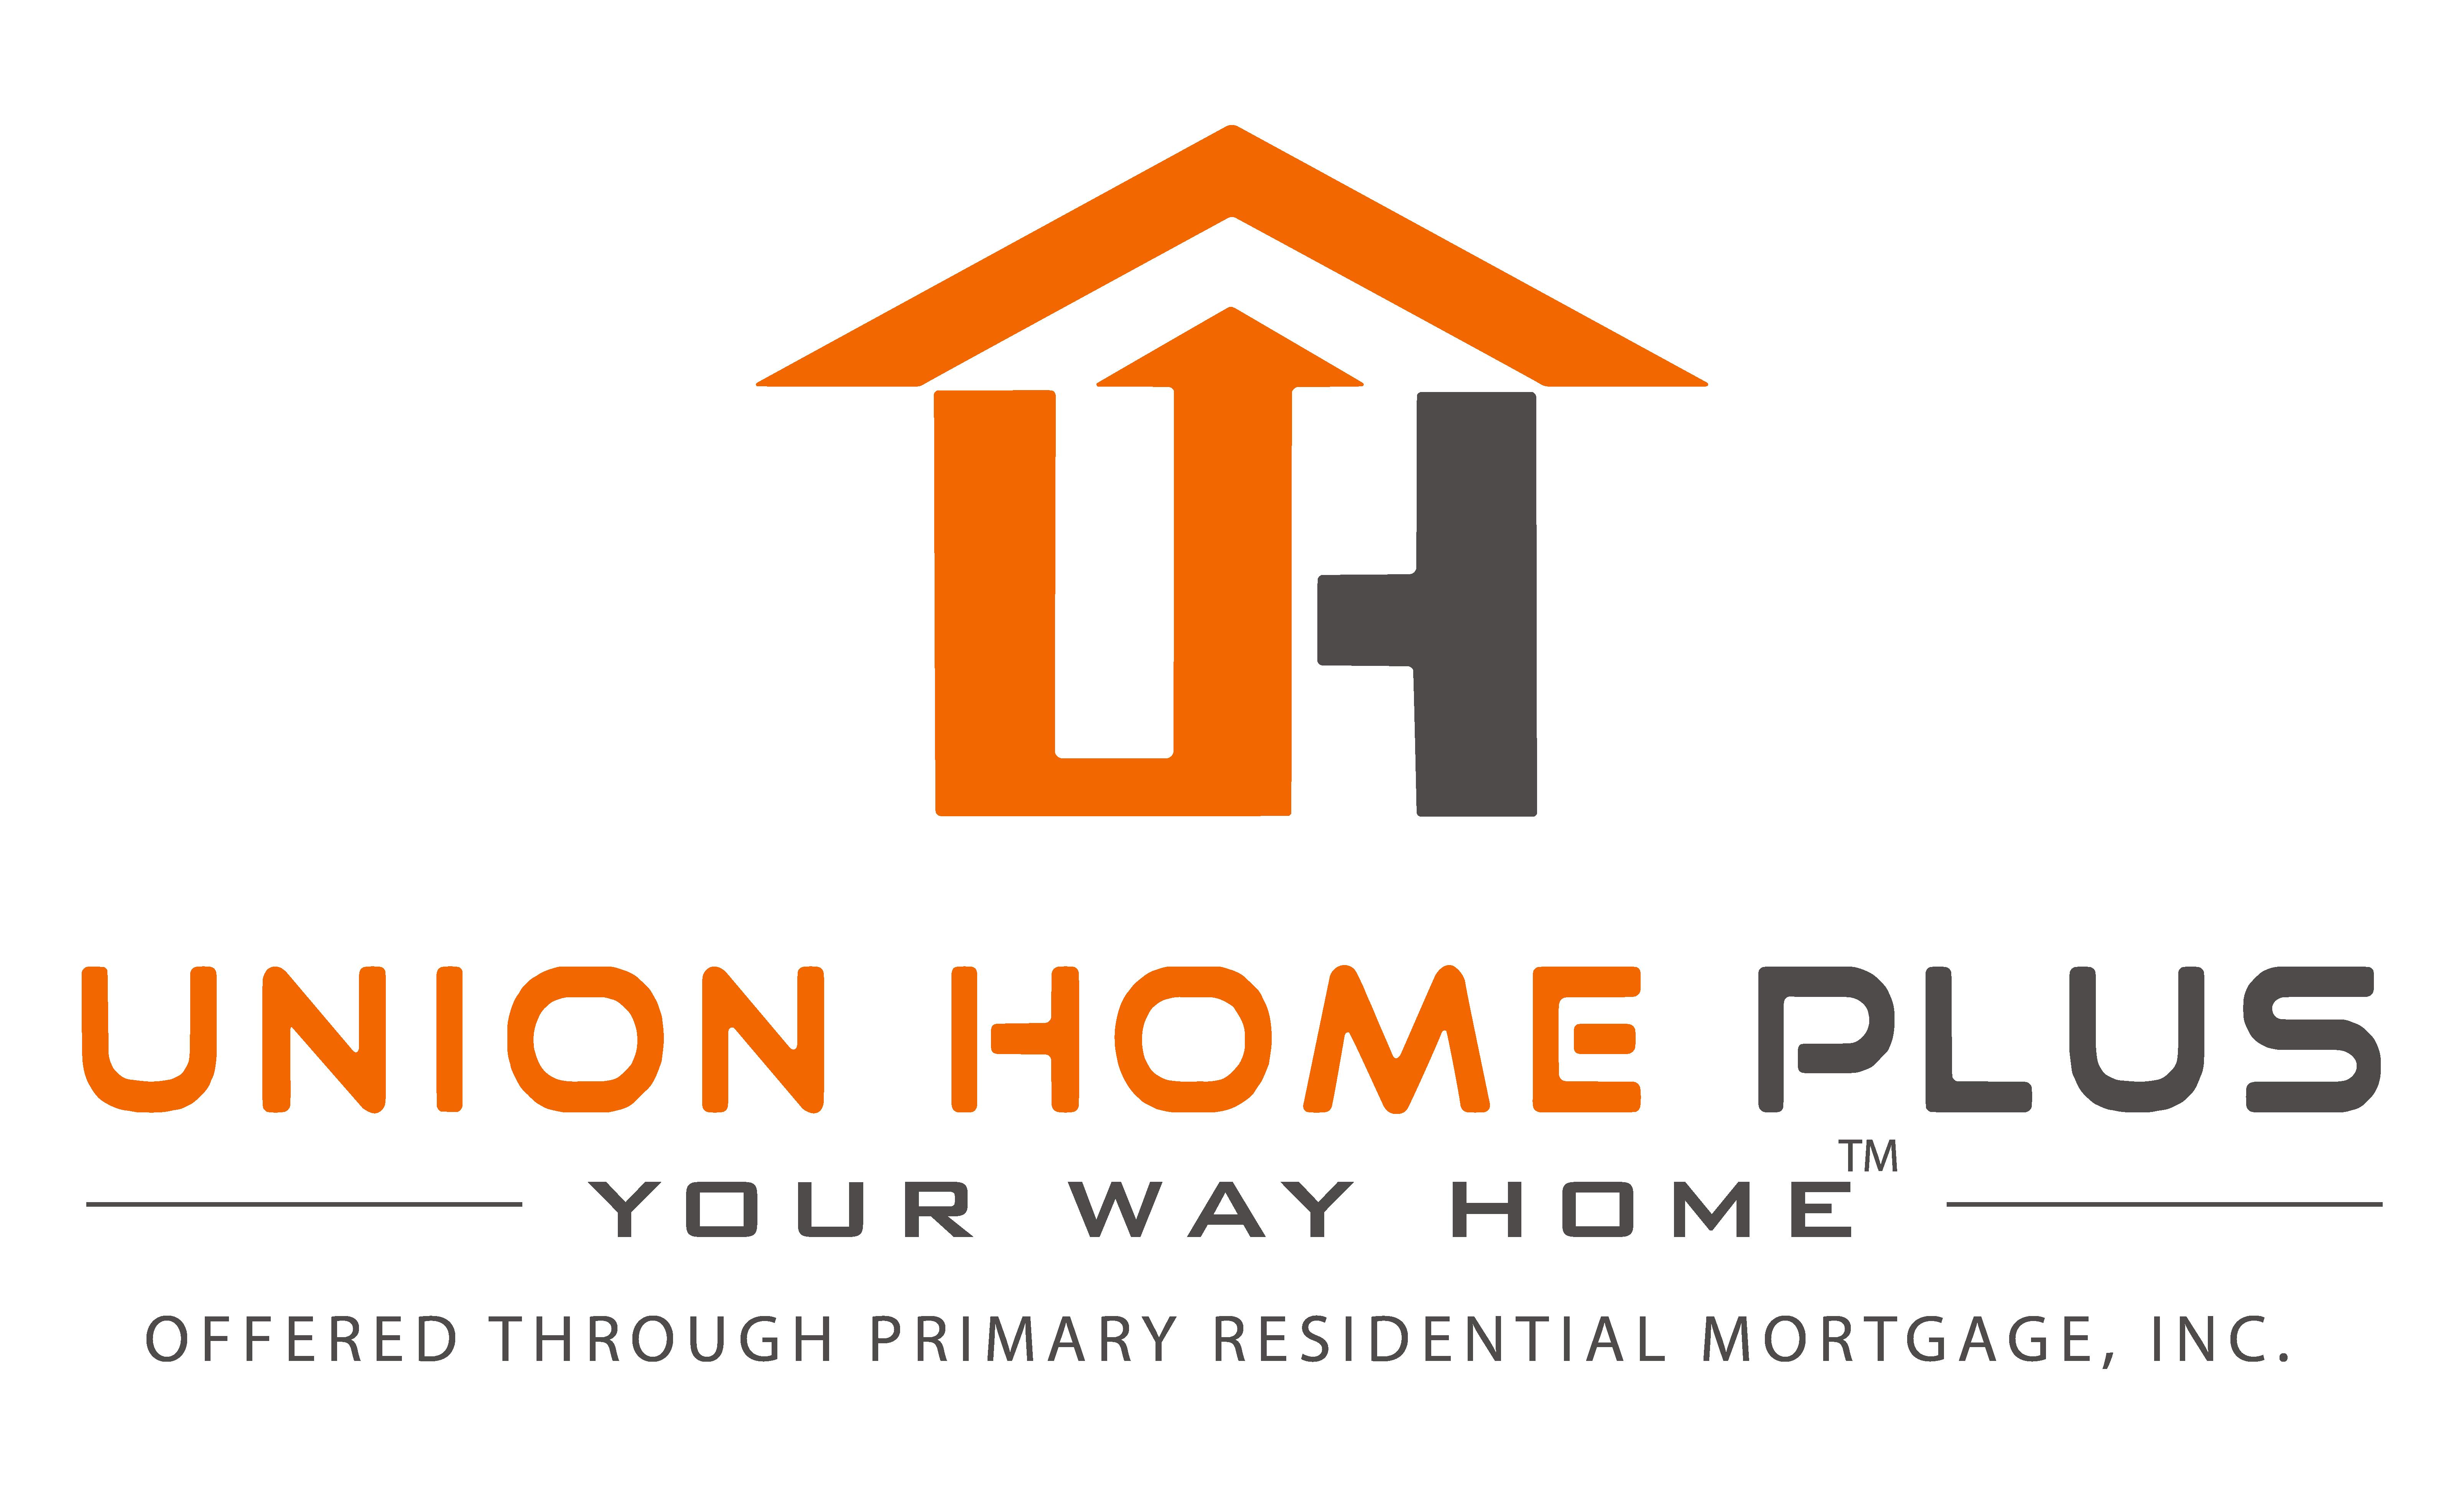 Union Home Plus